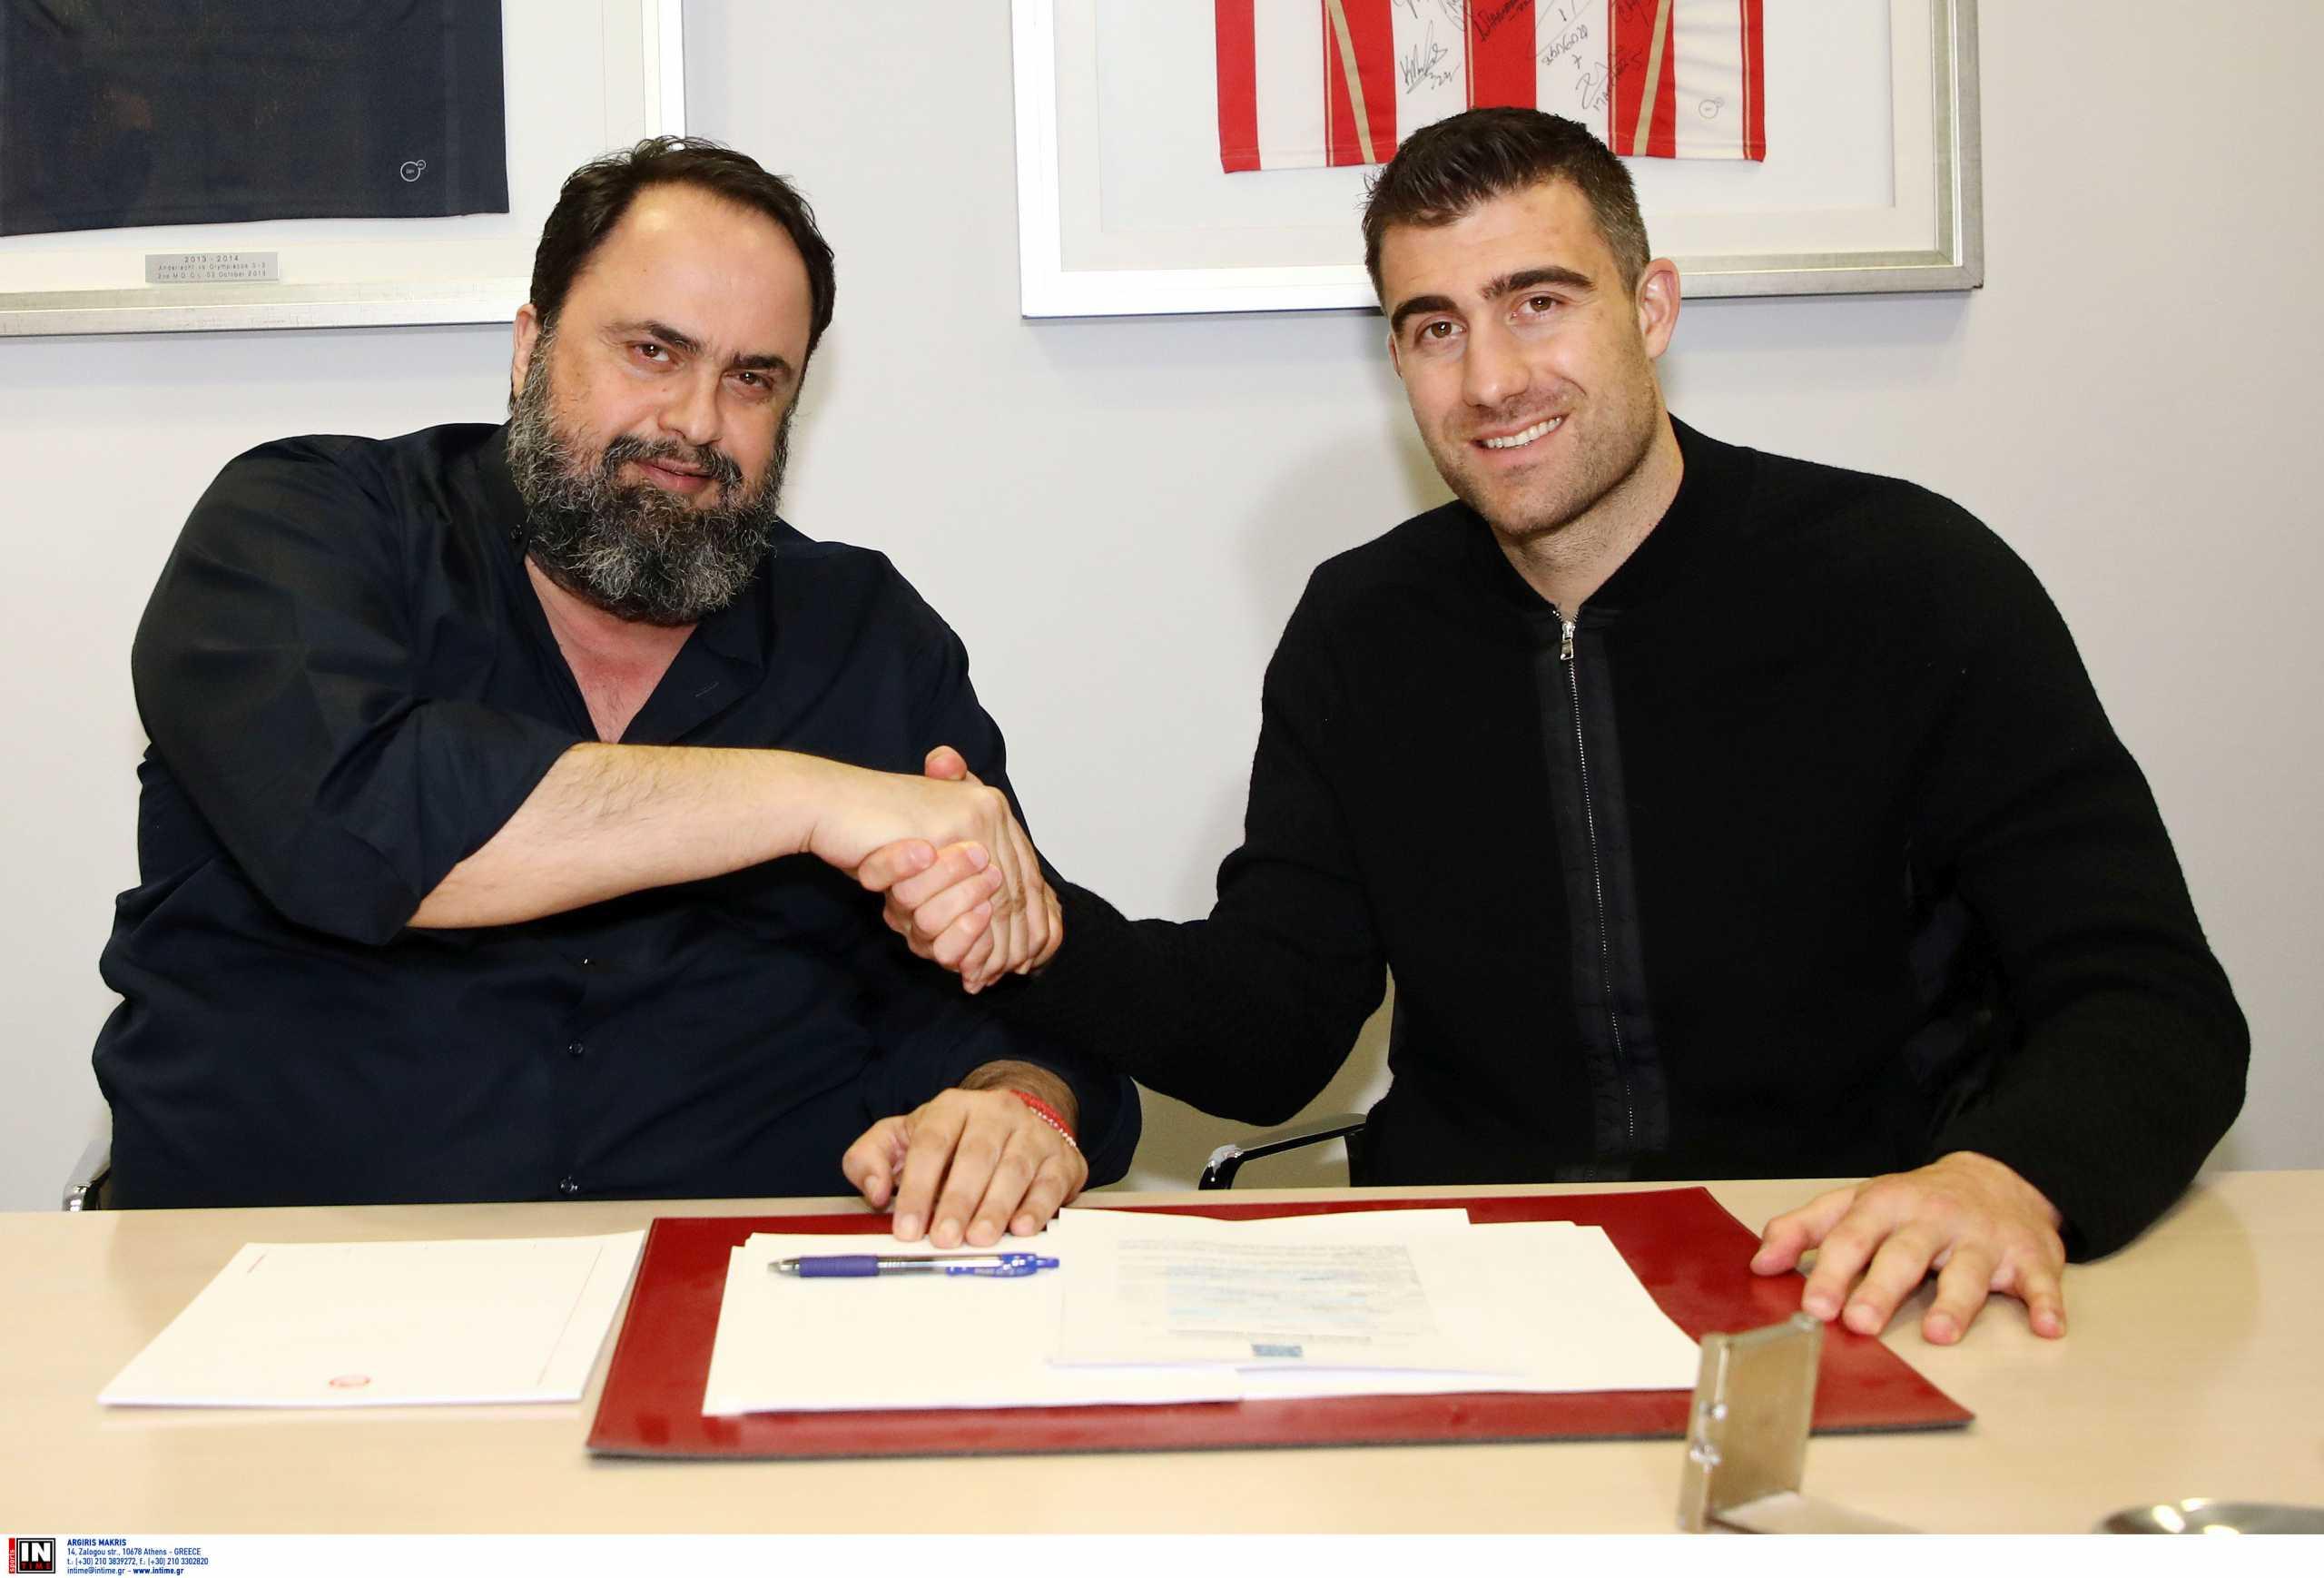 Ολυμπιακός: «Aυτά που μου είπε ο Μαρινάκης με έκαναν να υπογράψω» δήλωσε ο Παπασταθόπουλος